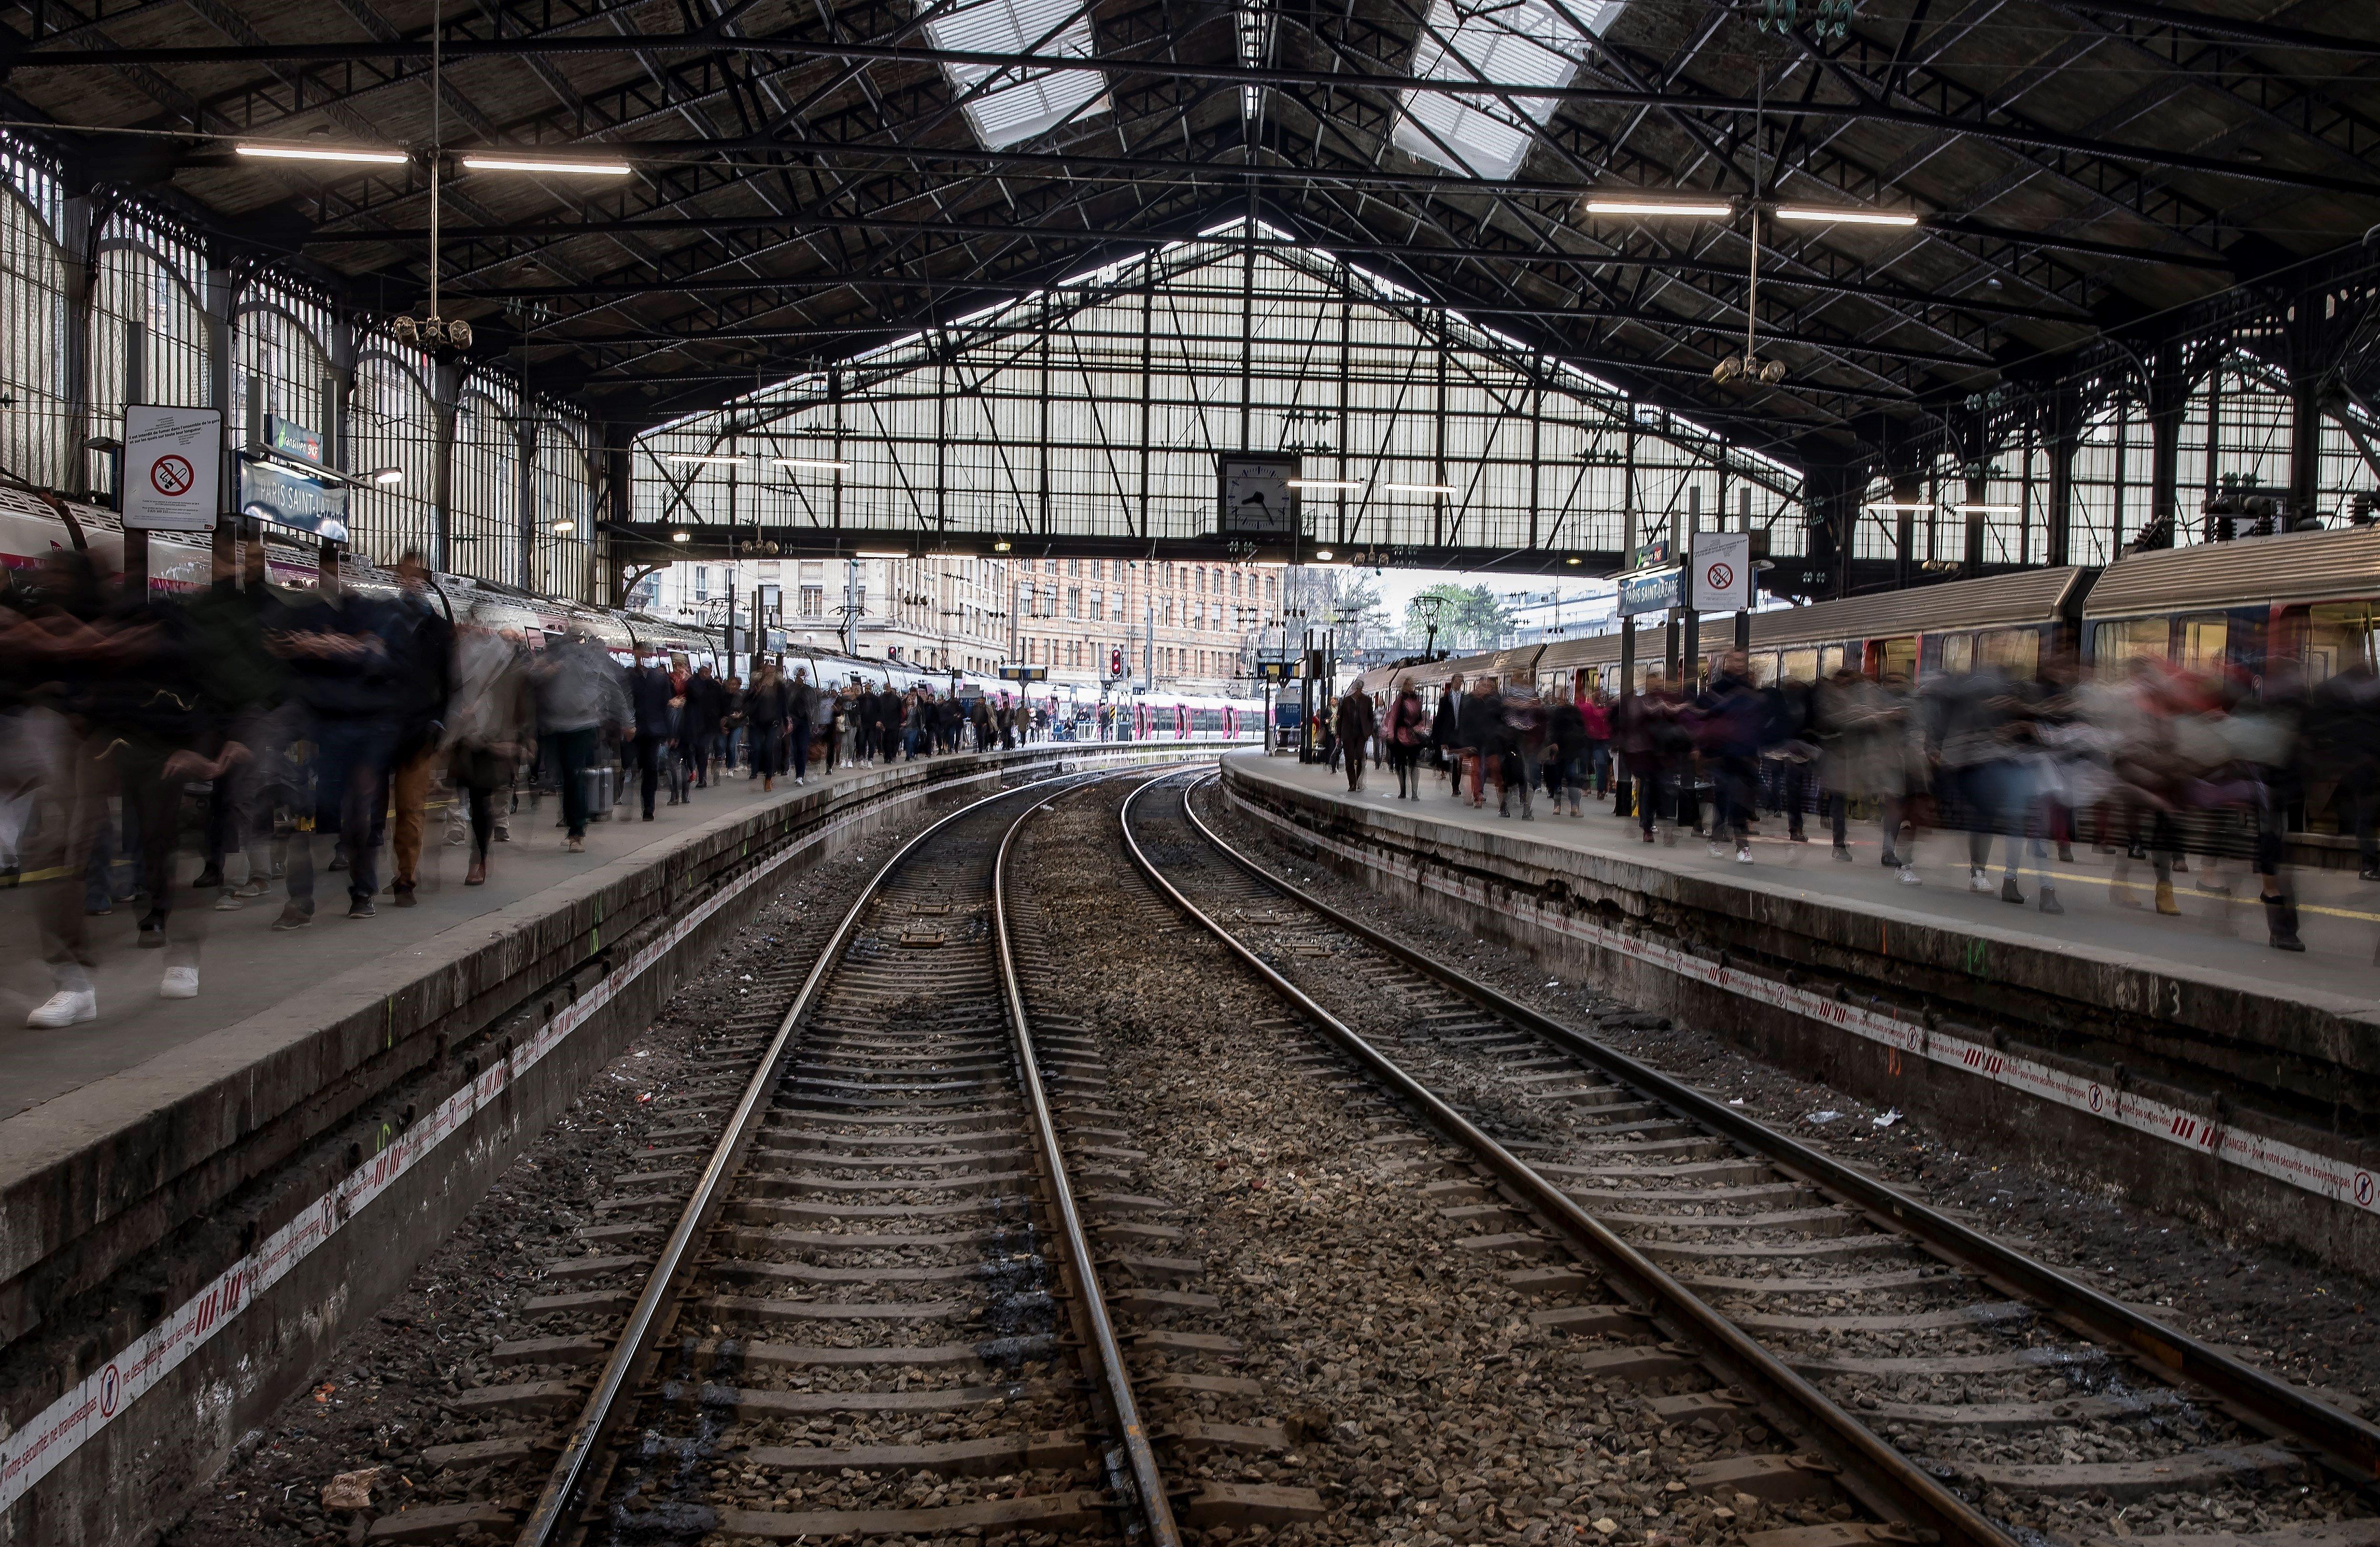 Una multitud d'usuaris abarrota una andana de l'estació de ferrocarril de Gare Saint Lazare durant una nova jornada de vaga a París (França) avui, 13 d'abril de 2018. La sisena jornada de vaga de ferroviaris francesos contra el projecte de reforma de l'empresa pública SNCF té avui un seguiment inferior a les anteriors, malgrat la qual cosa s'han anul·lat les connexions amb Espanya, segons les dades de l'adreça. EFE/ Ian Langsdon